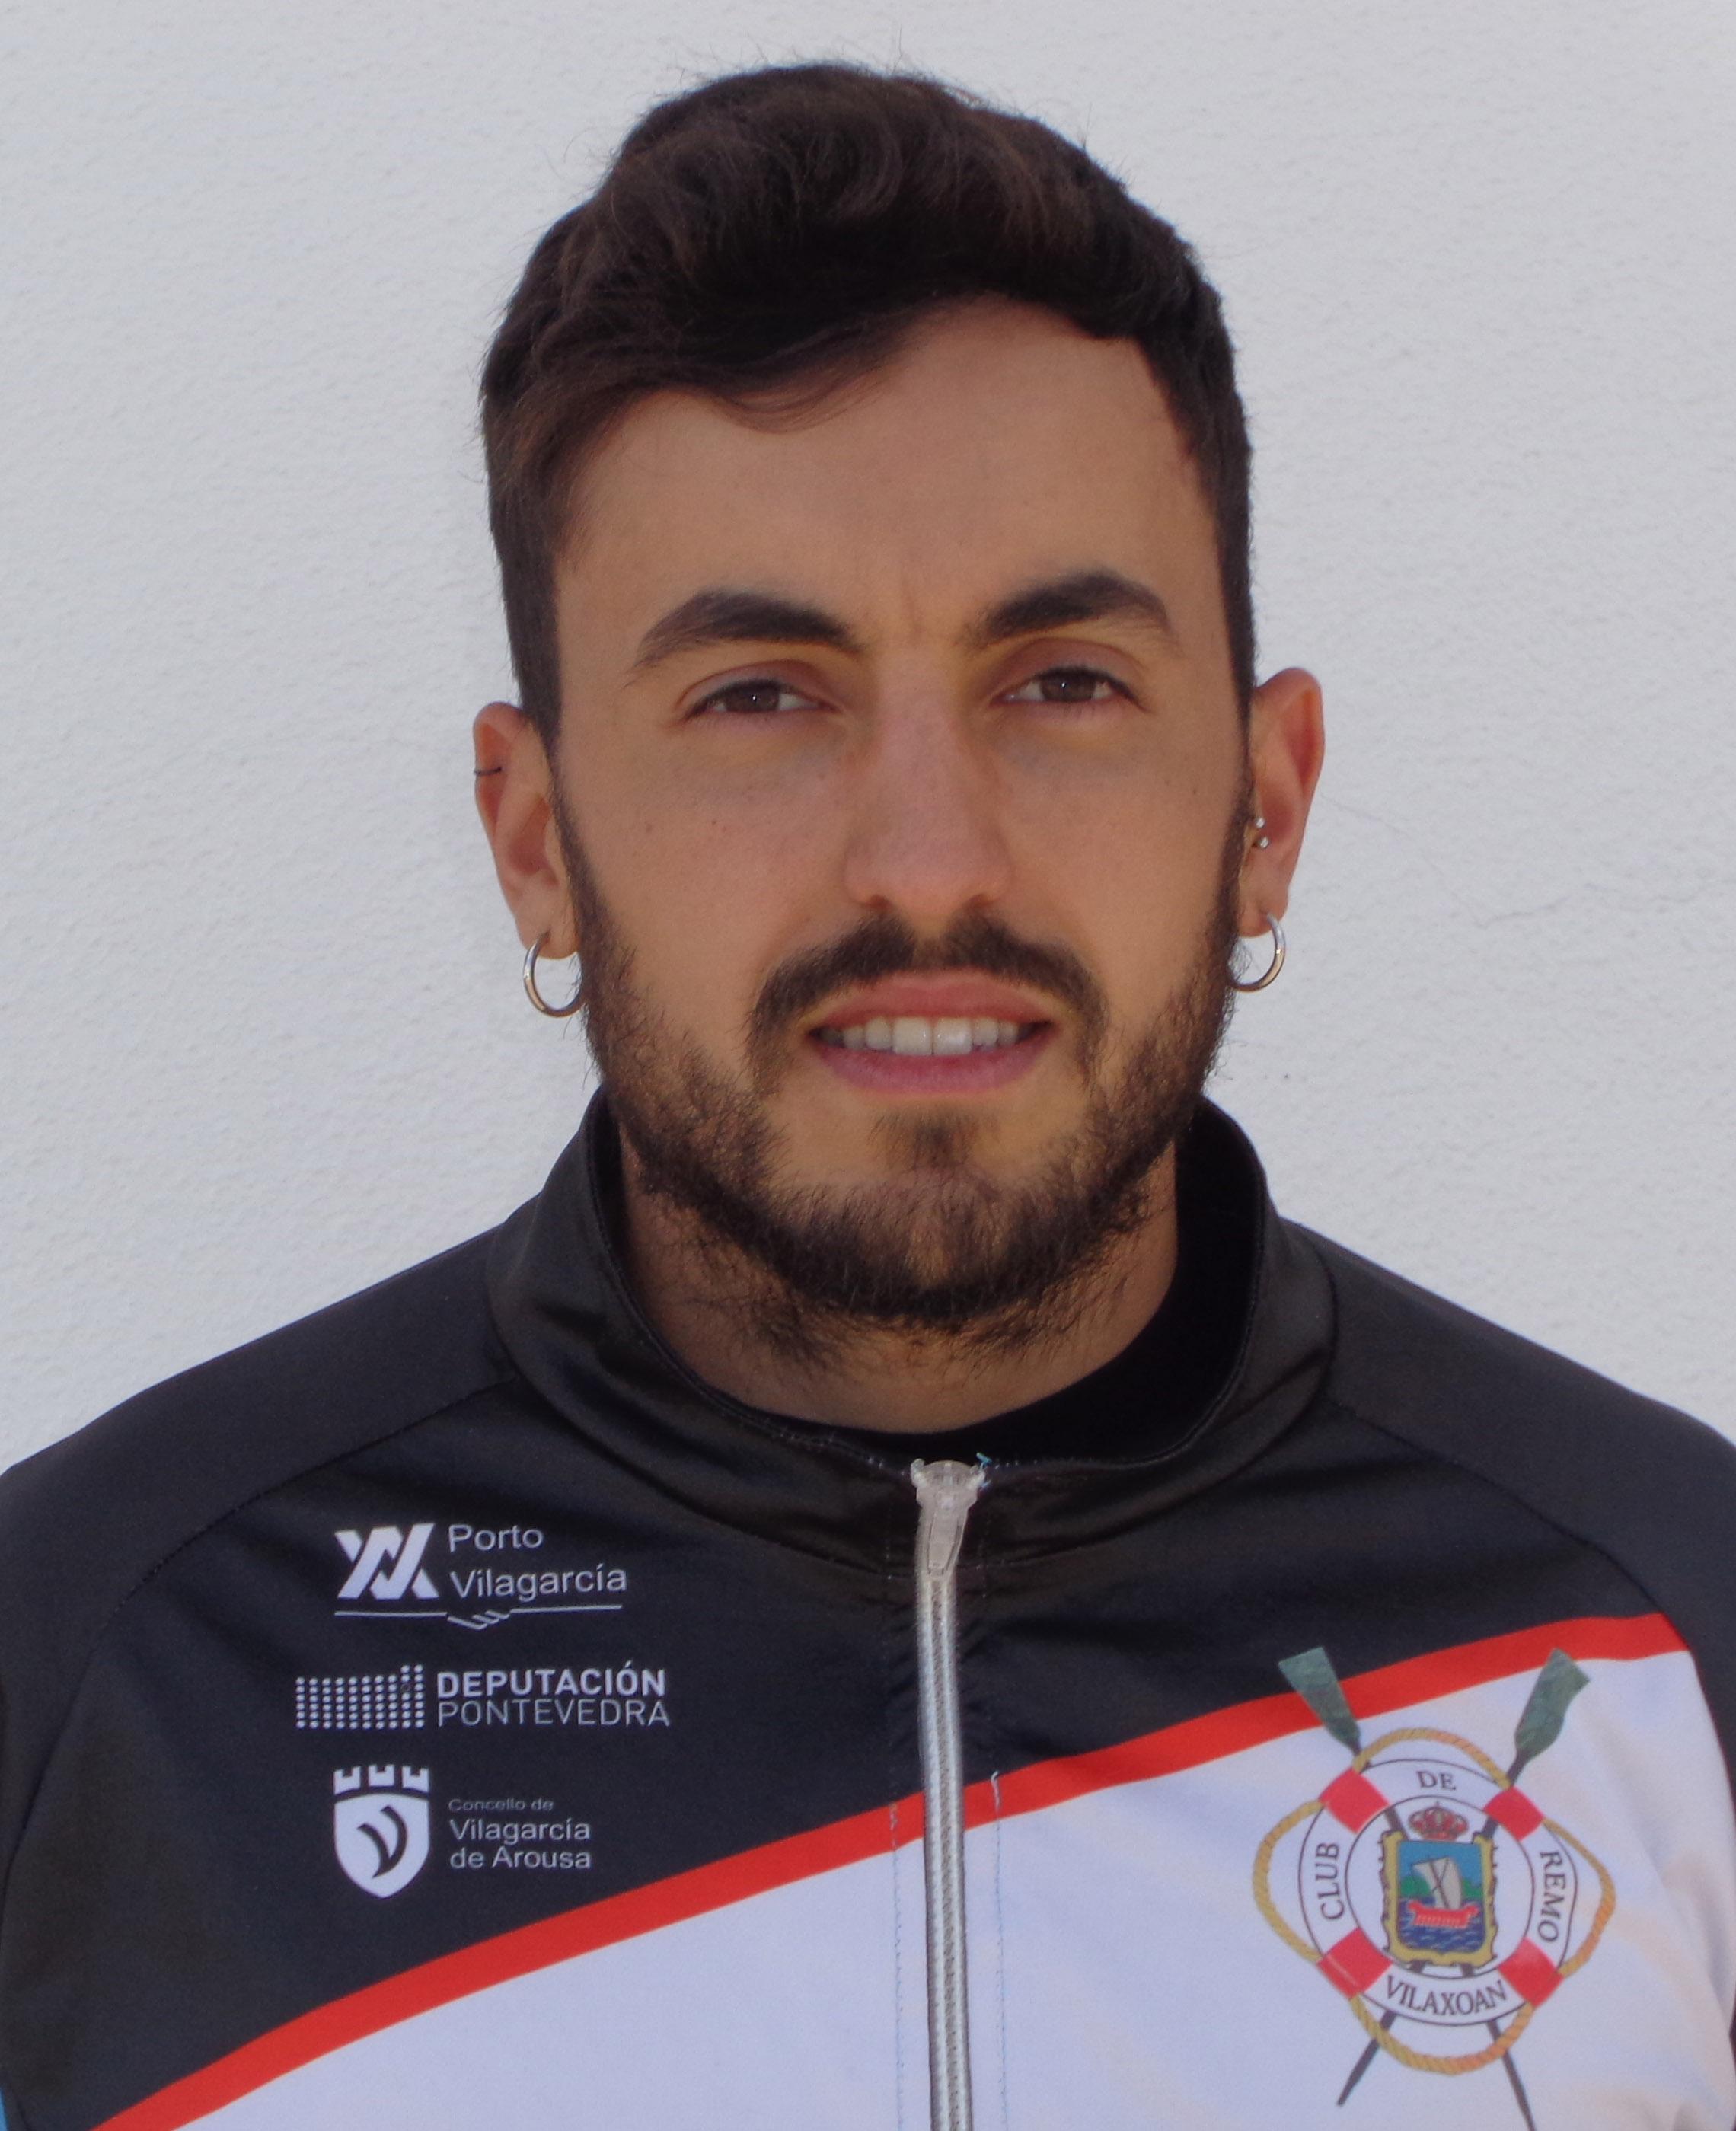 Alberto Hermo - NON PROPIO